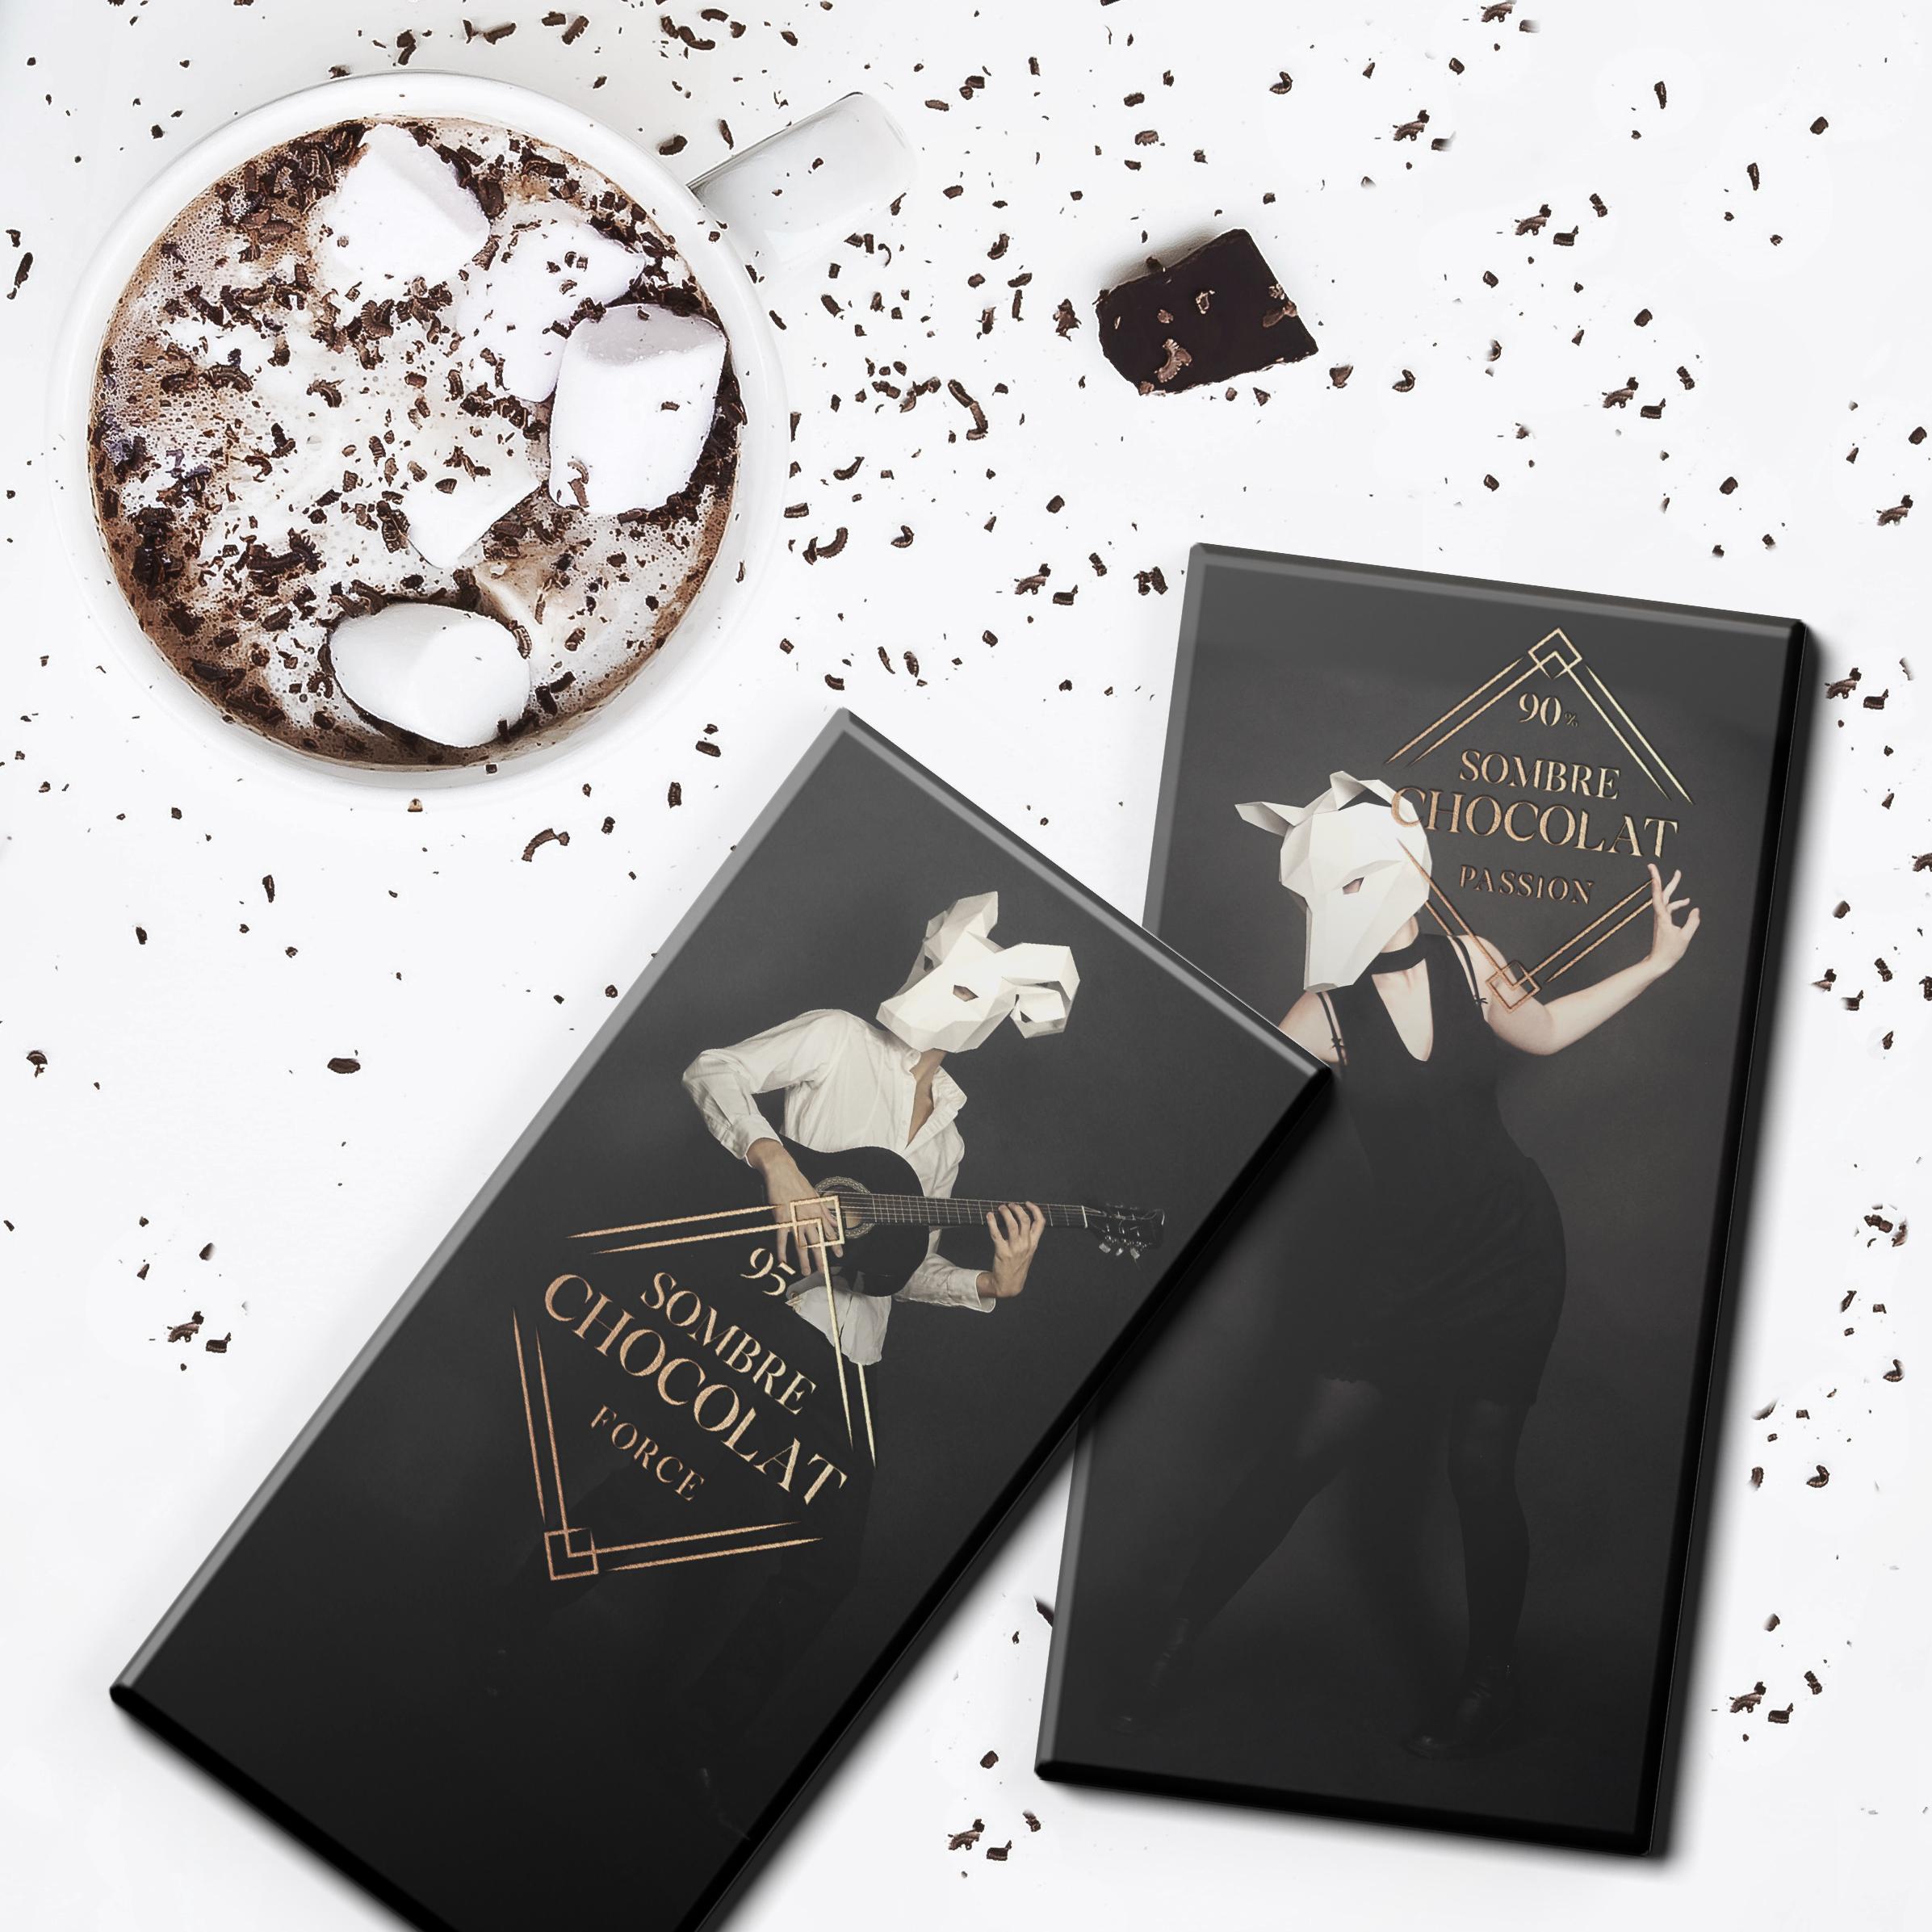 Sombre chocolat